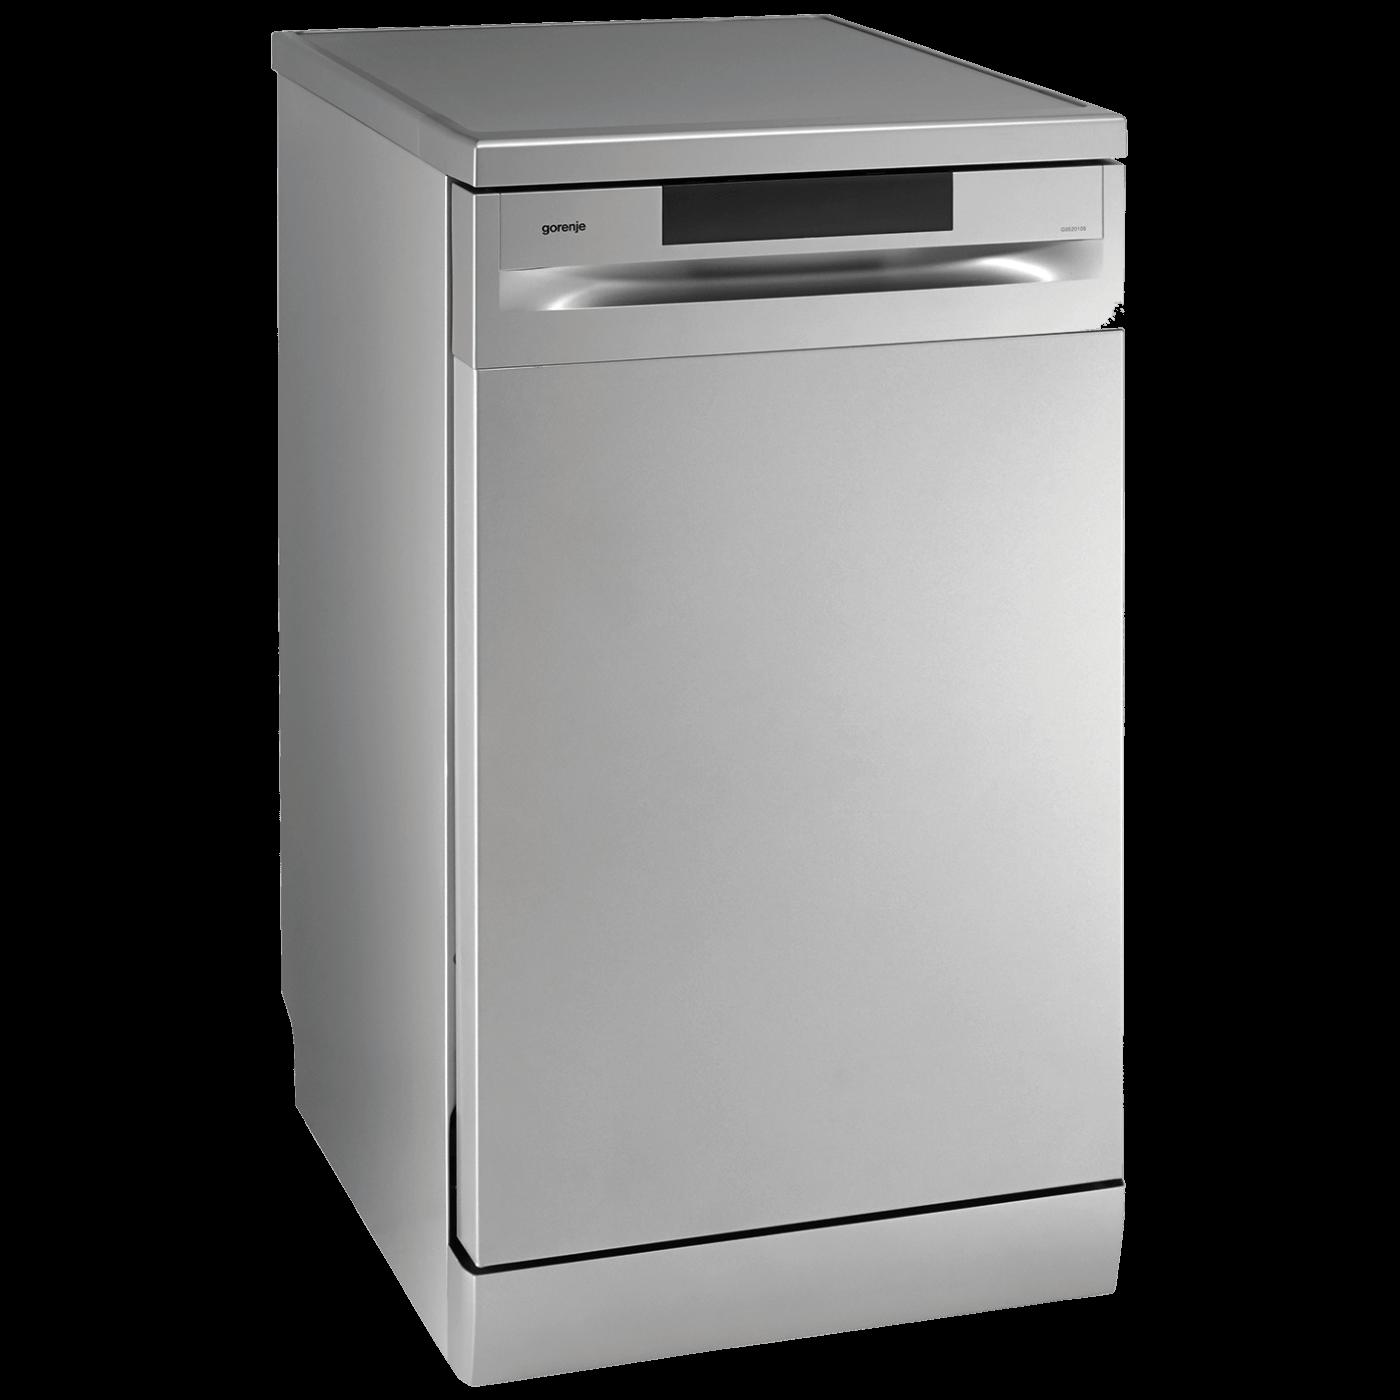 Gorenje - GS52010S